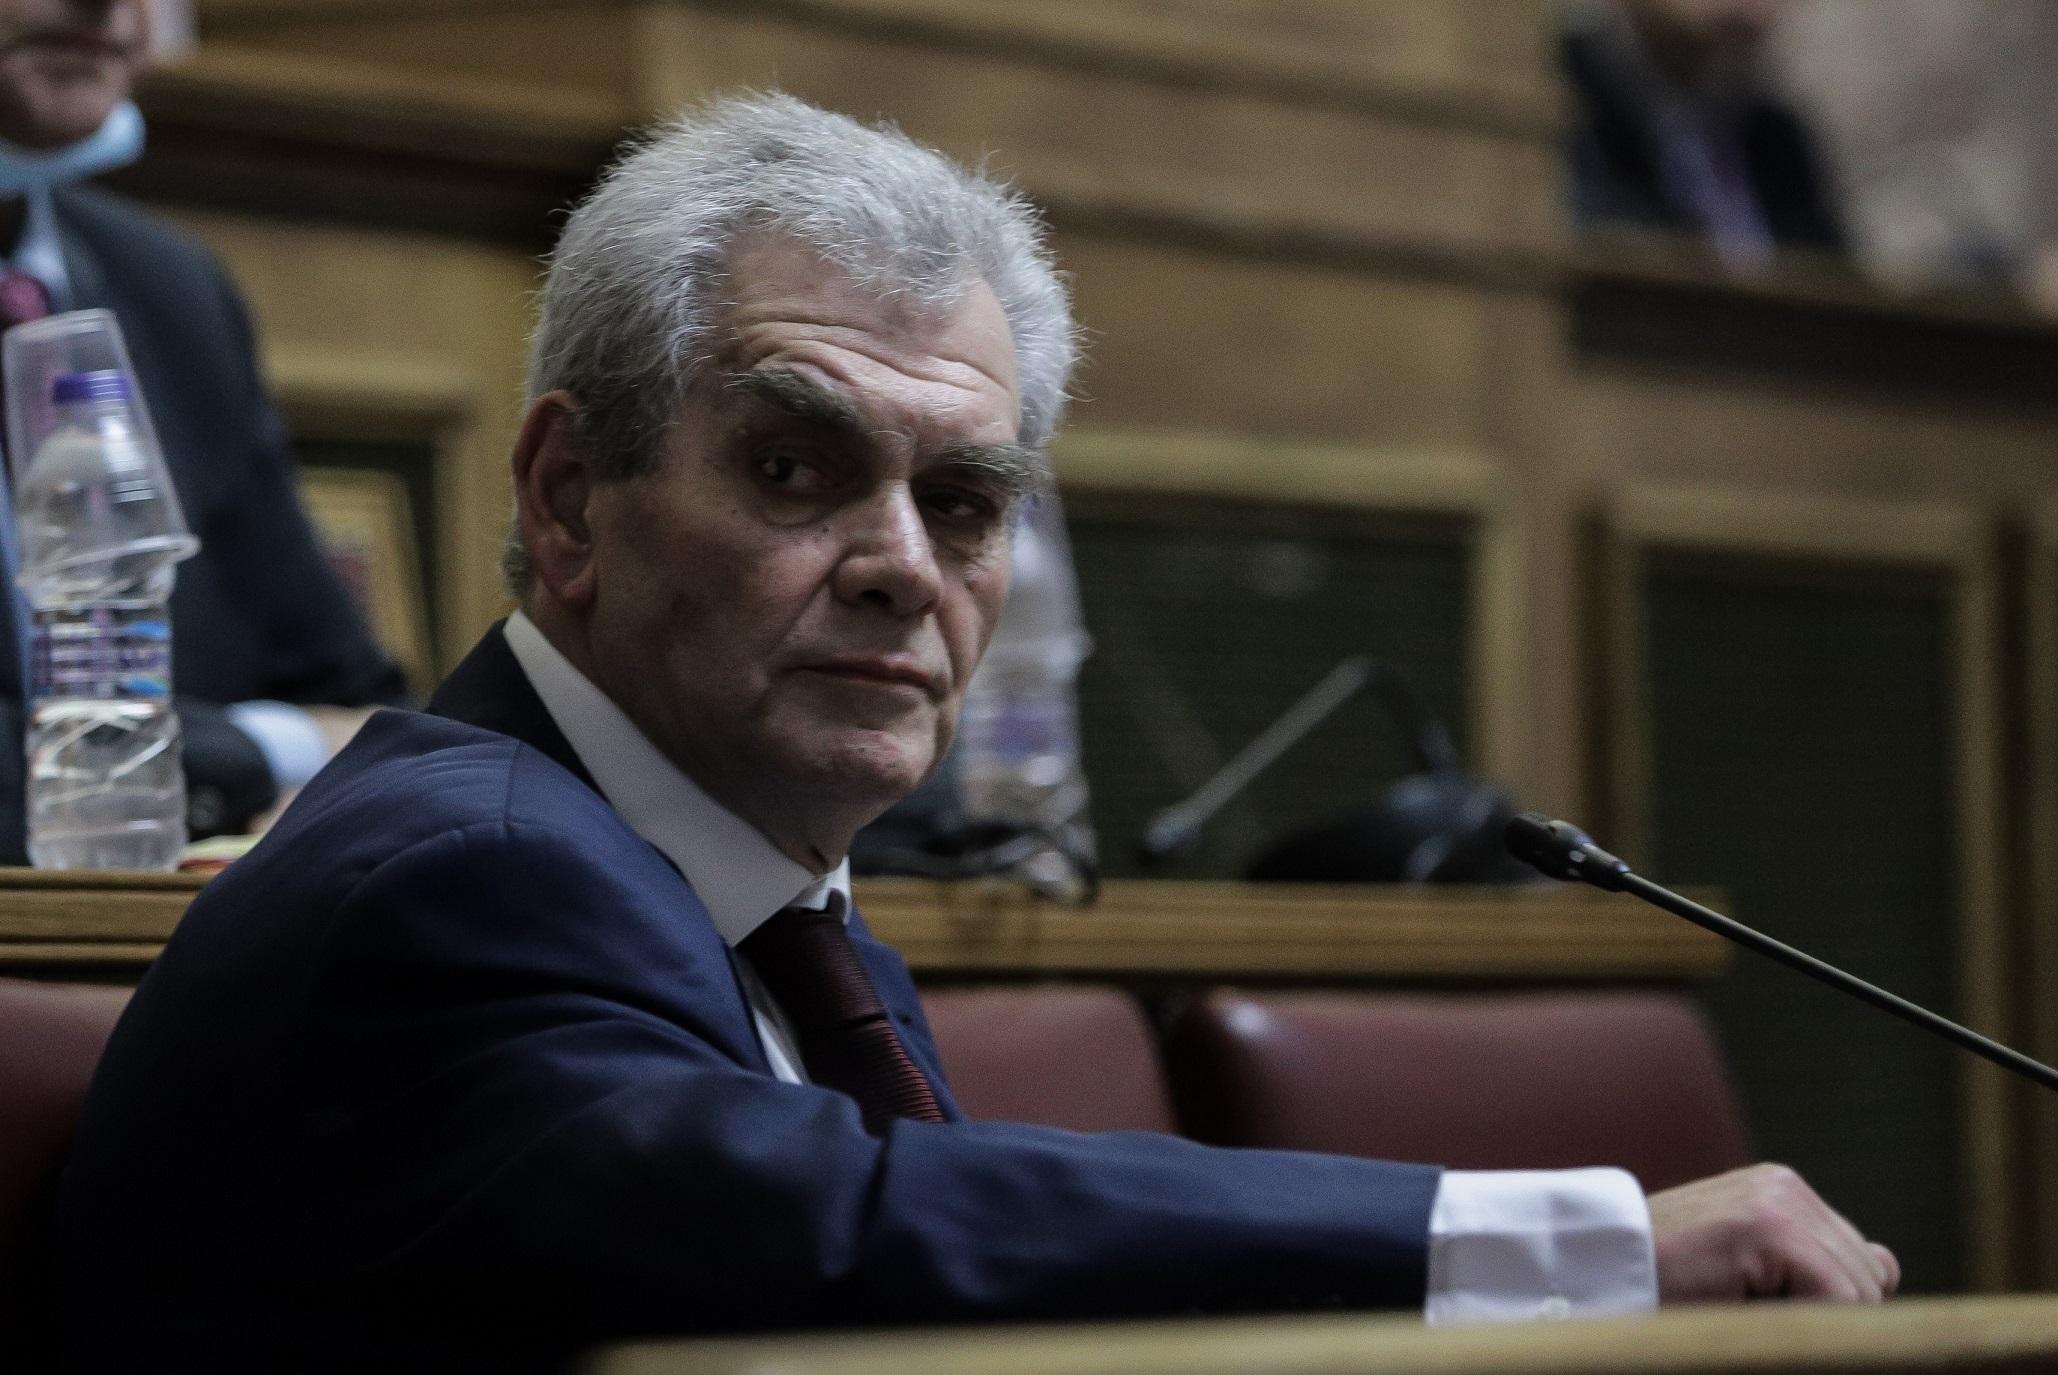 Αποχώρησε από την προανακριτική επιτροπή ο Δ. Παπαγγελόπουλος